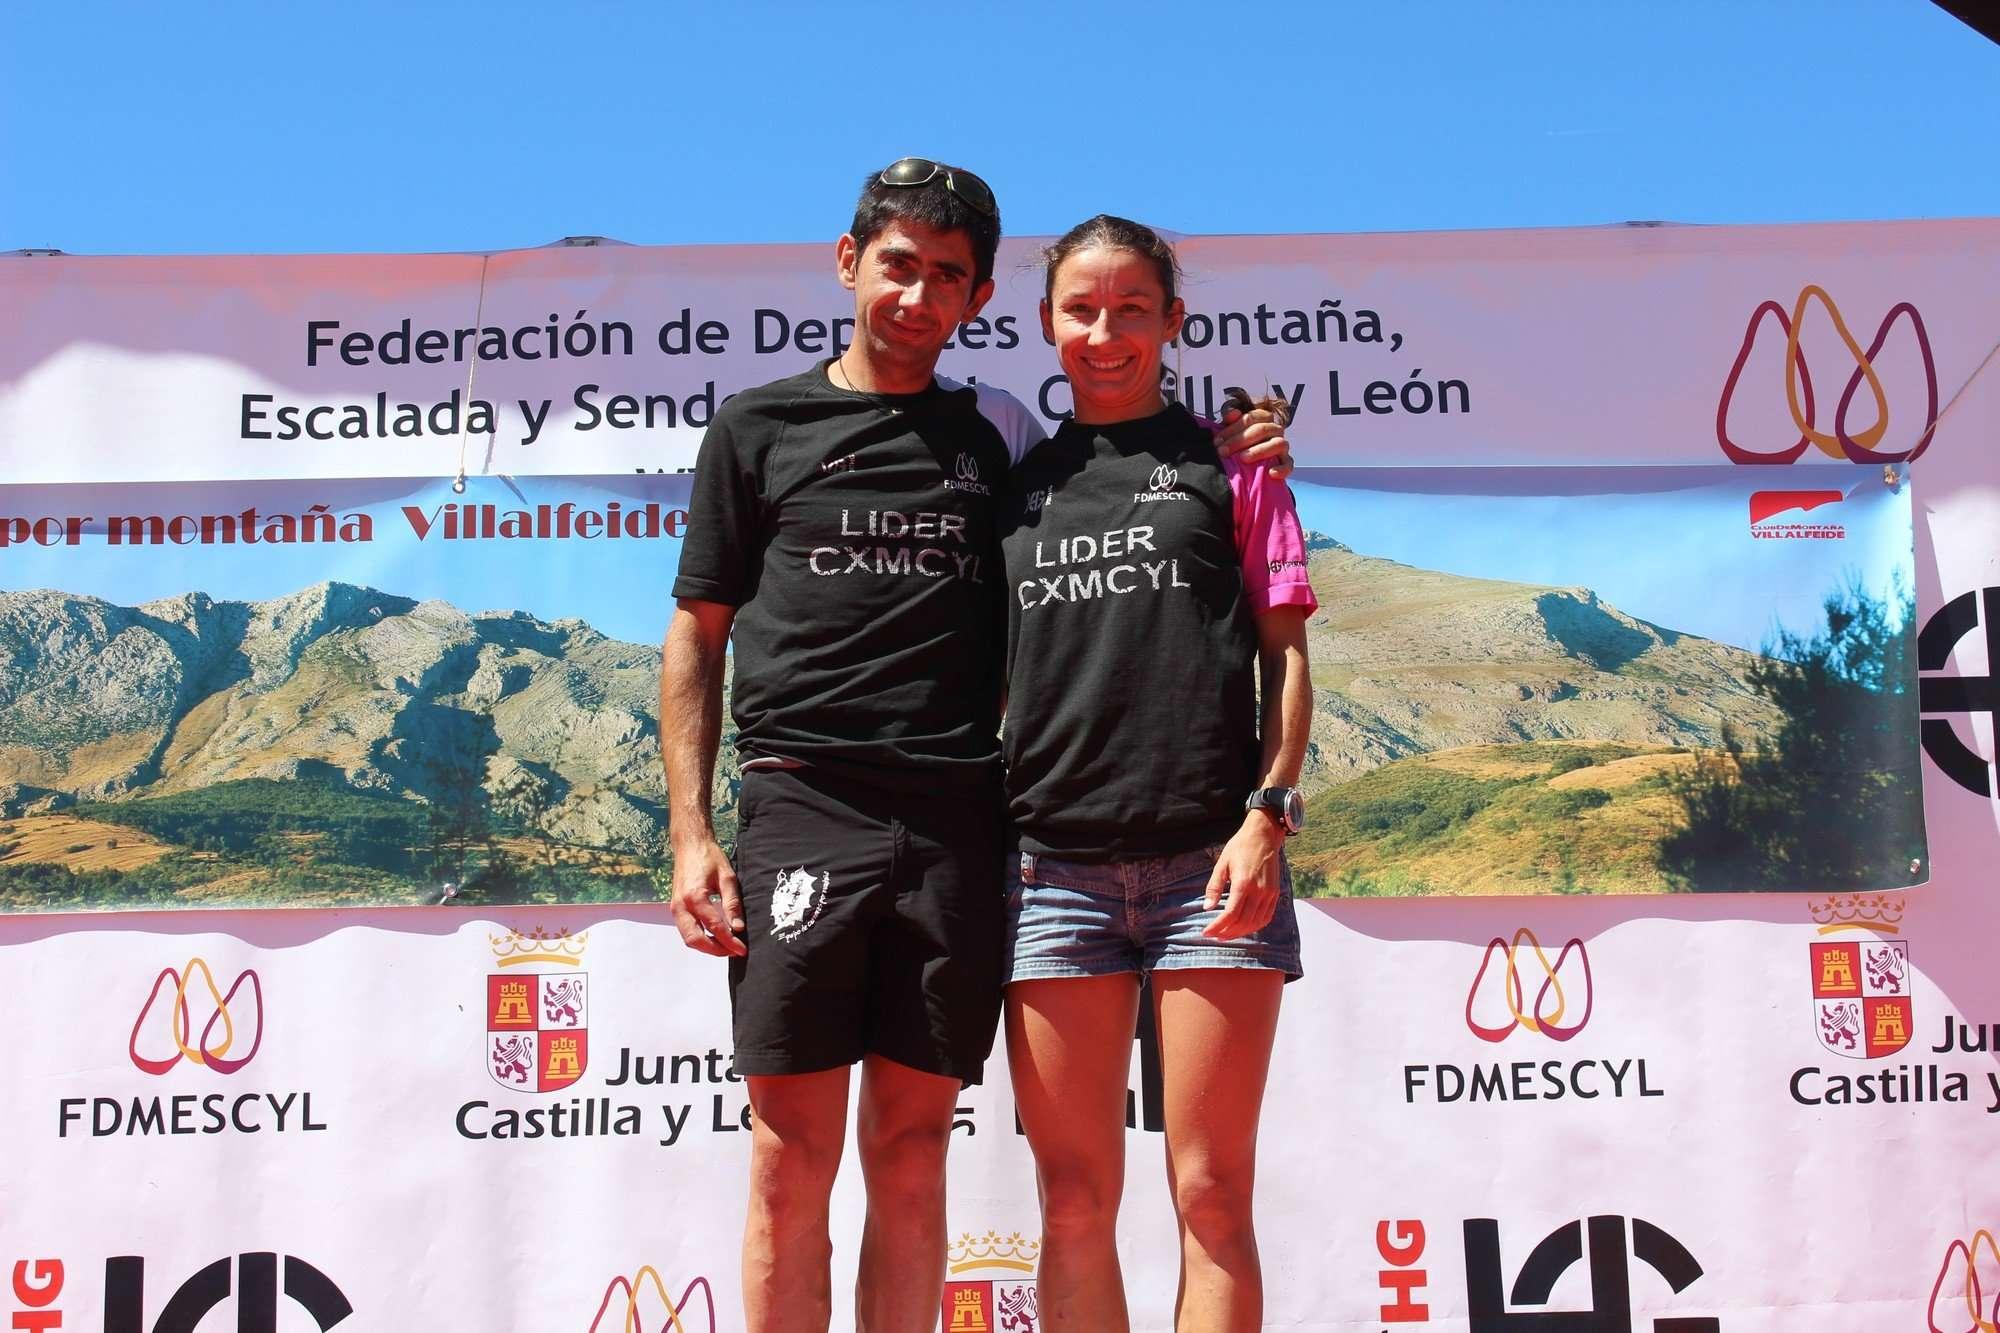 Salida de la Carrera por Montaña Villalfeide-Polvoreda en 2013. /CDM VILLALFEIDE